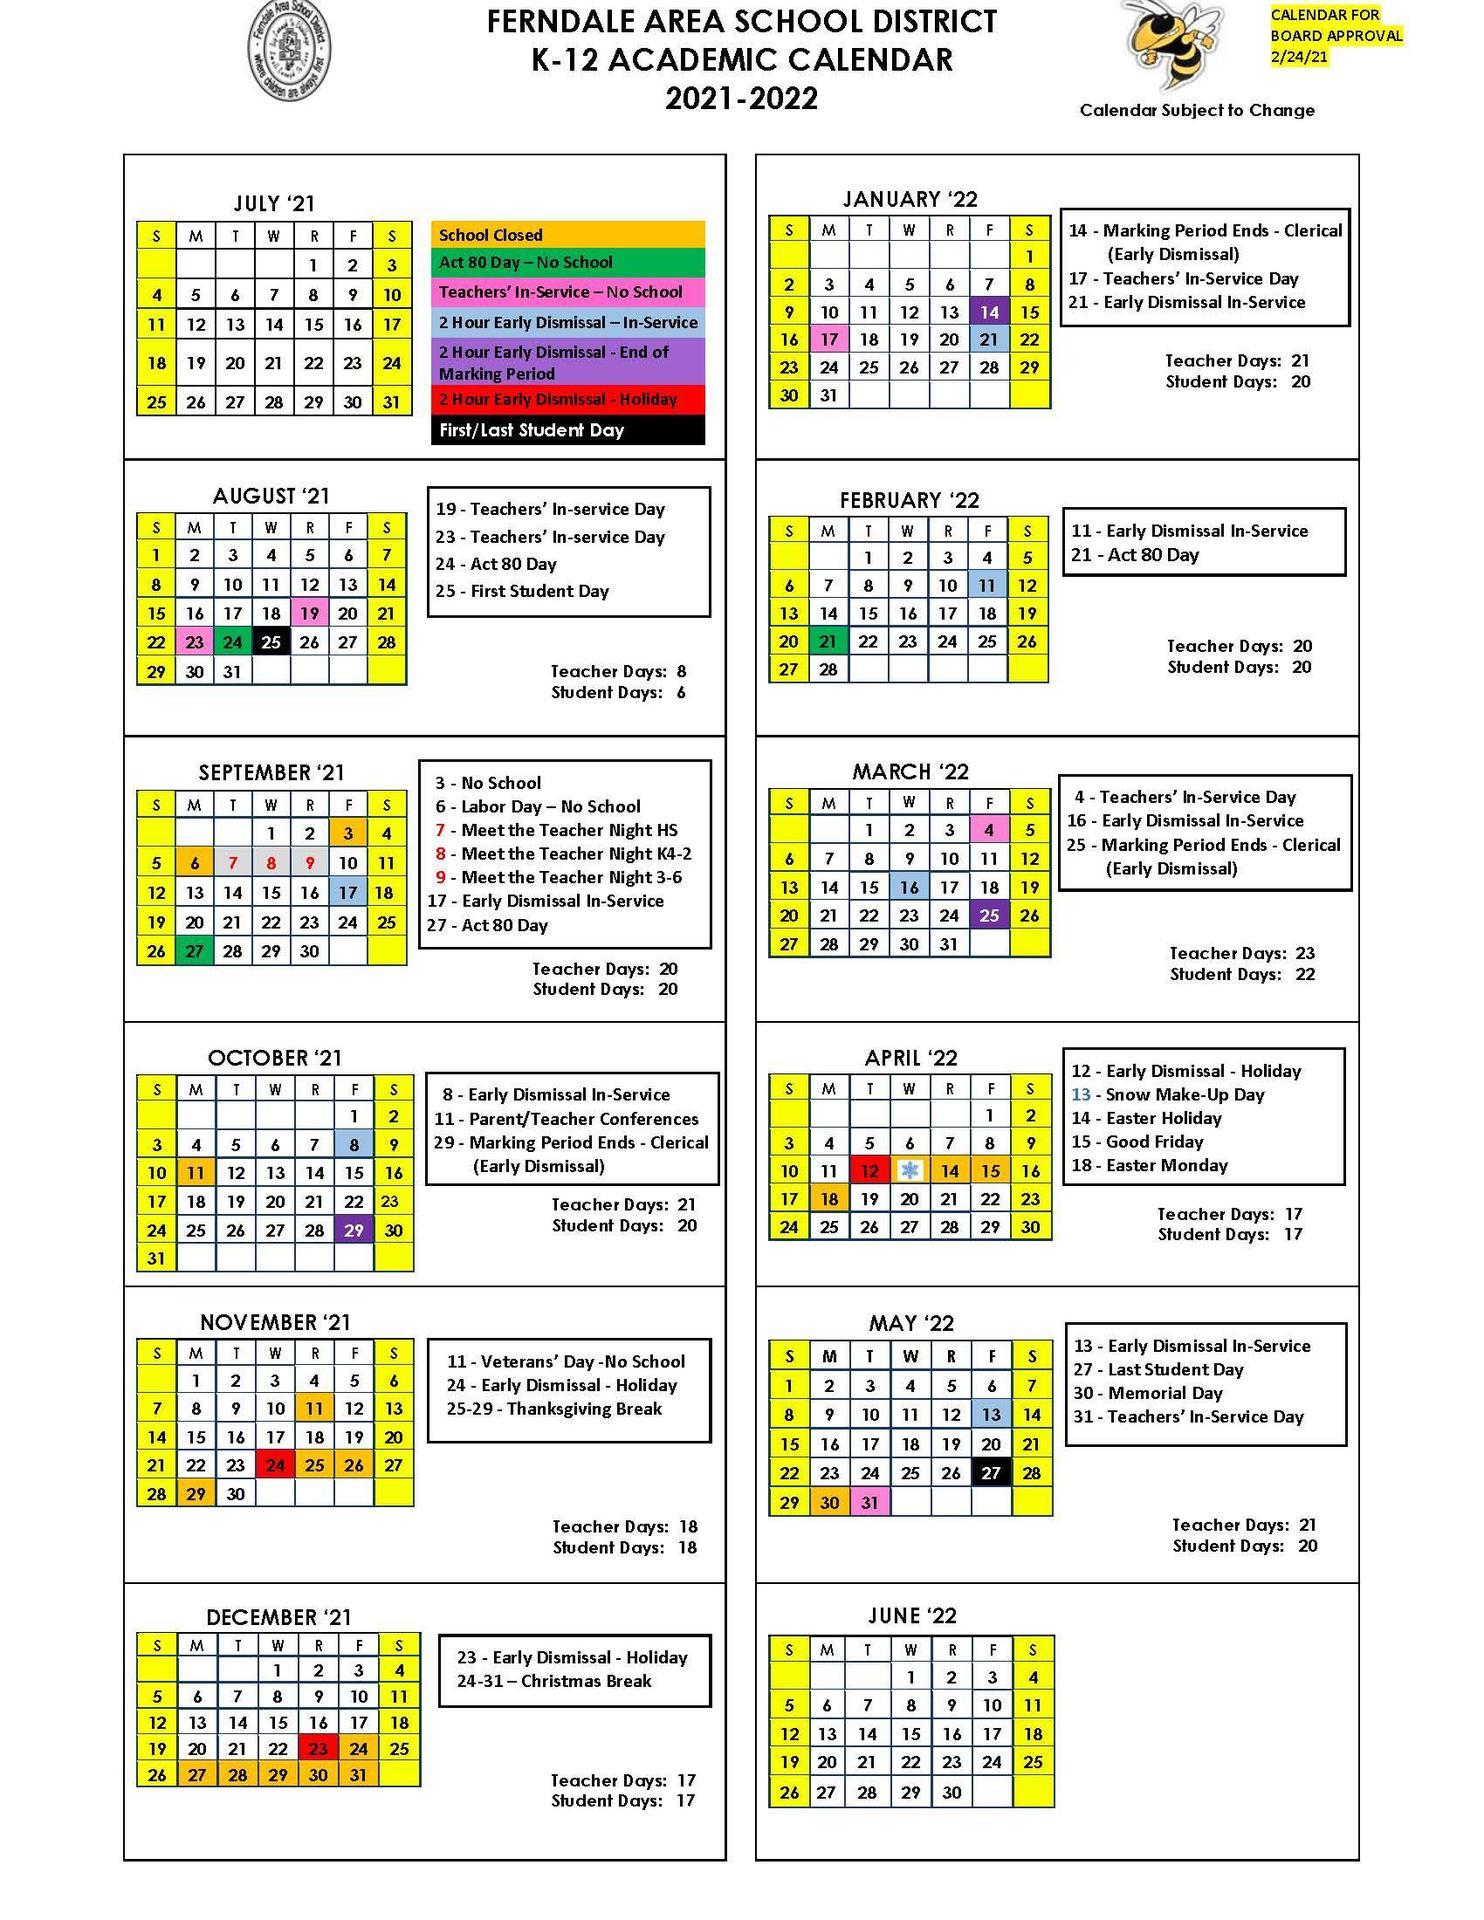 2021-2022 K-12 Academic Calendar